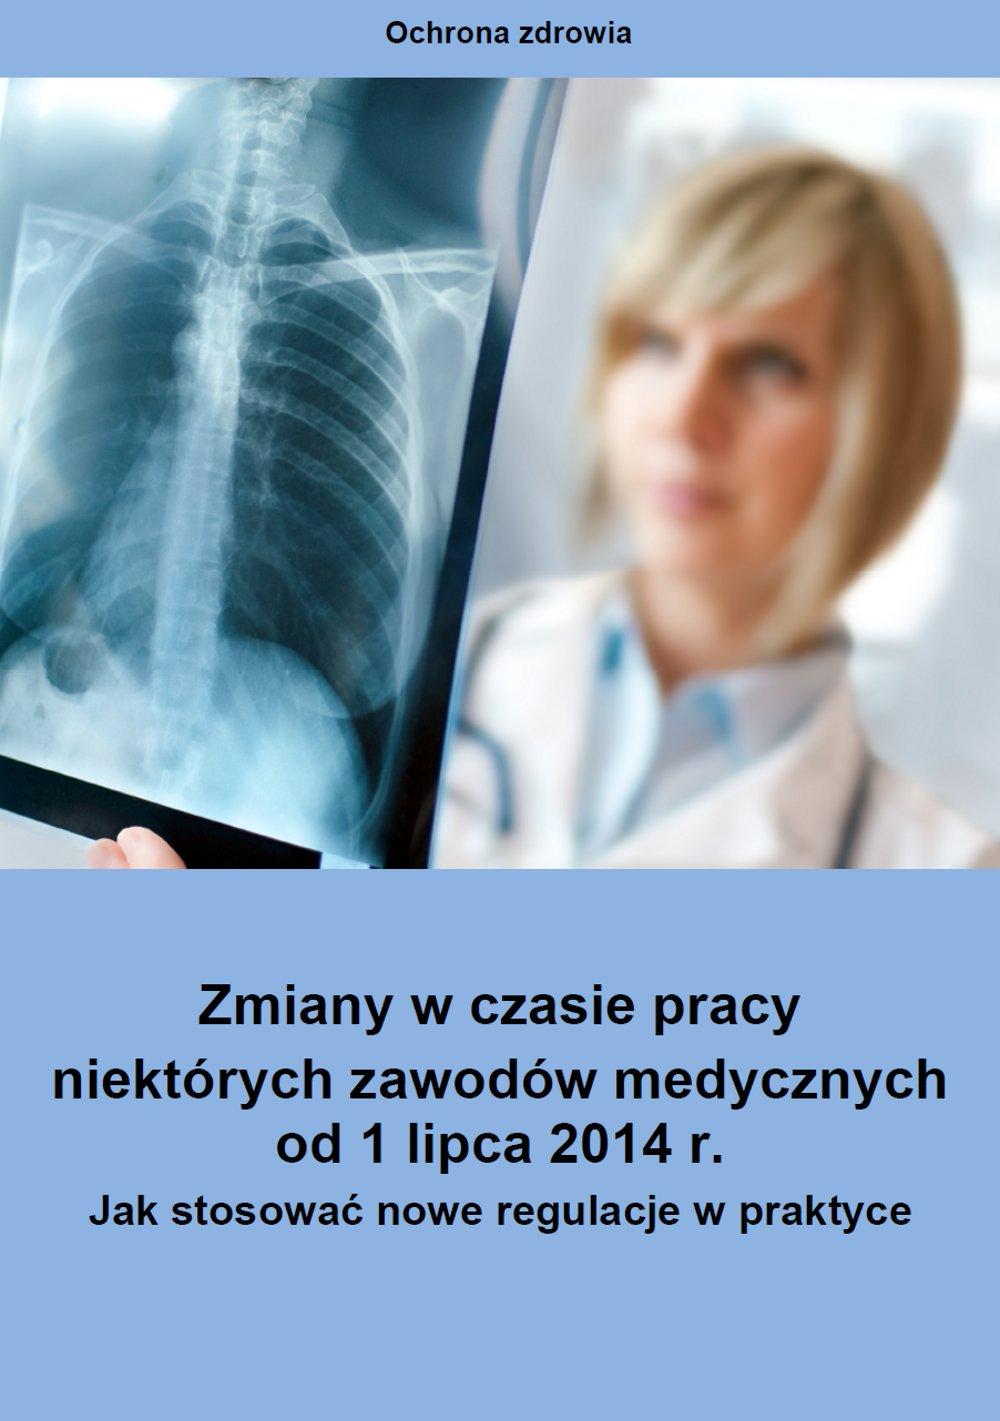 Zmiany w czasie pracy niektórych zawodów medycznych od 1 lipca 2014 r. Jak stosować nowe regulacje w praktyce? - Ebook (Książka PDF) do pobrania w formacie PDF